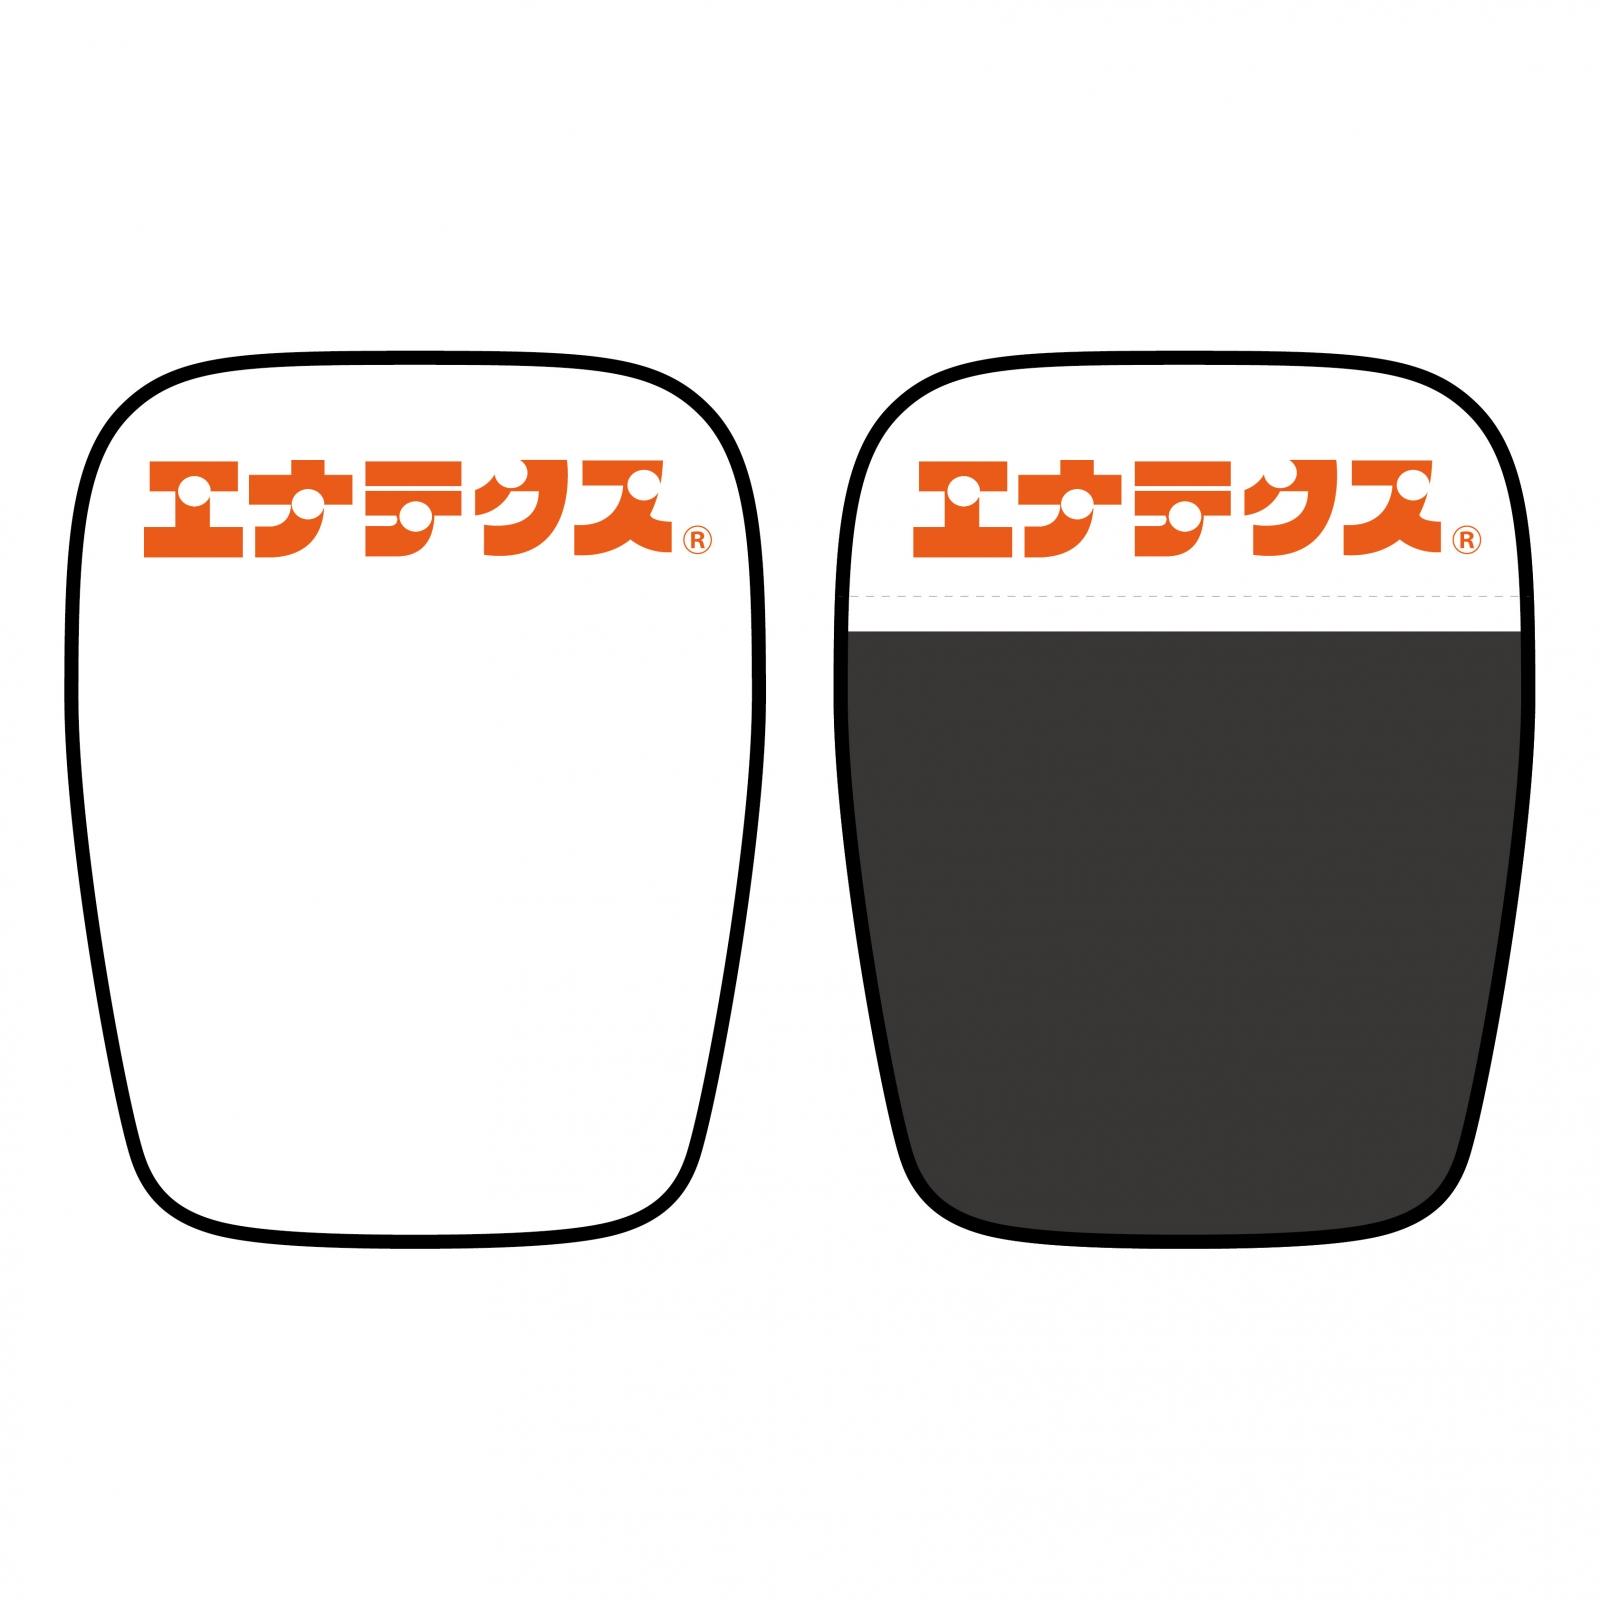 電力会社の椅子カバー